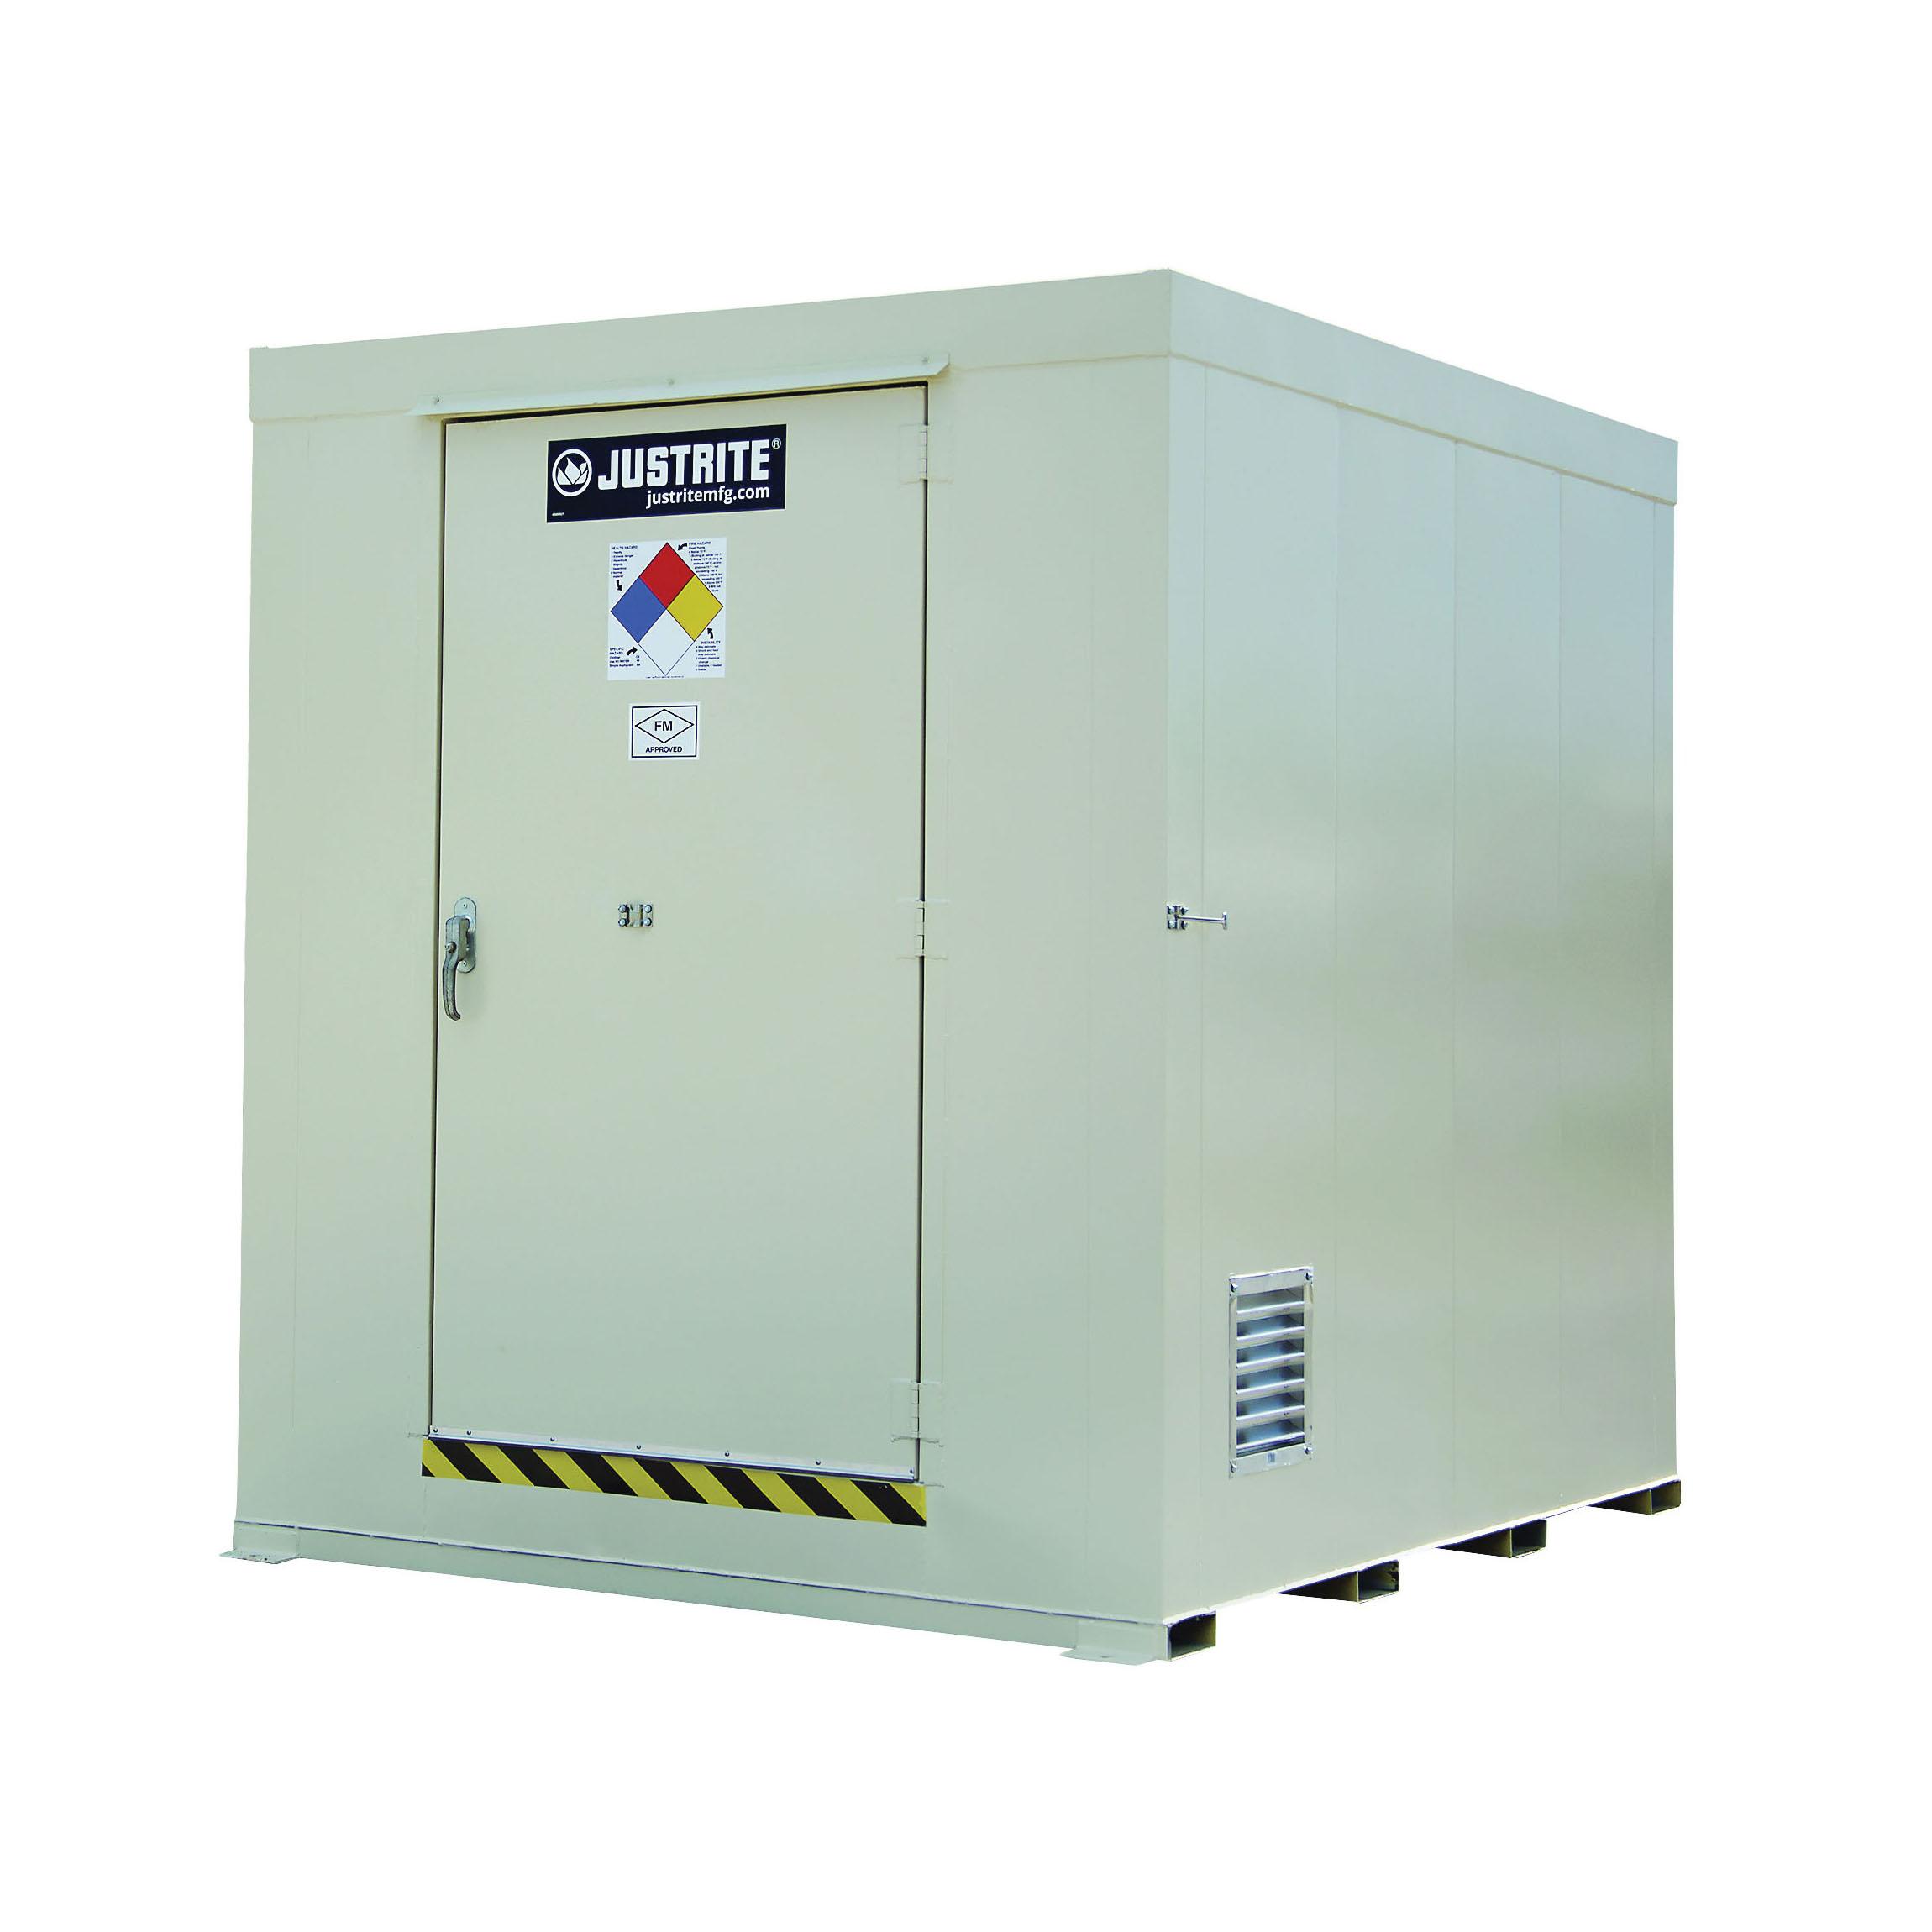 Justrite® 911121 Non-Combustible Outdoor Safety Locker, 97 in H x 84 in W x 108 in D, Standard Door, 1 Doors, Heavy Gauge Steel, Bone